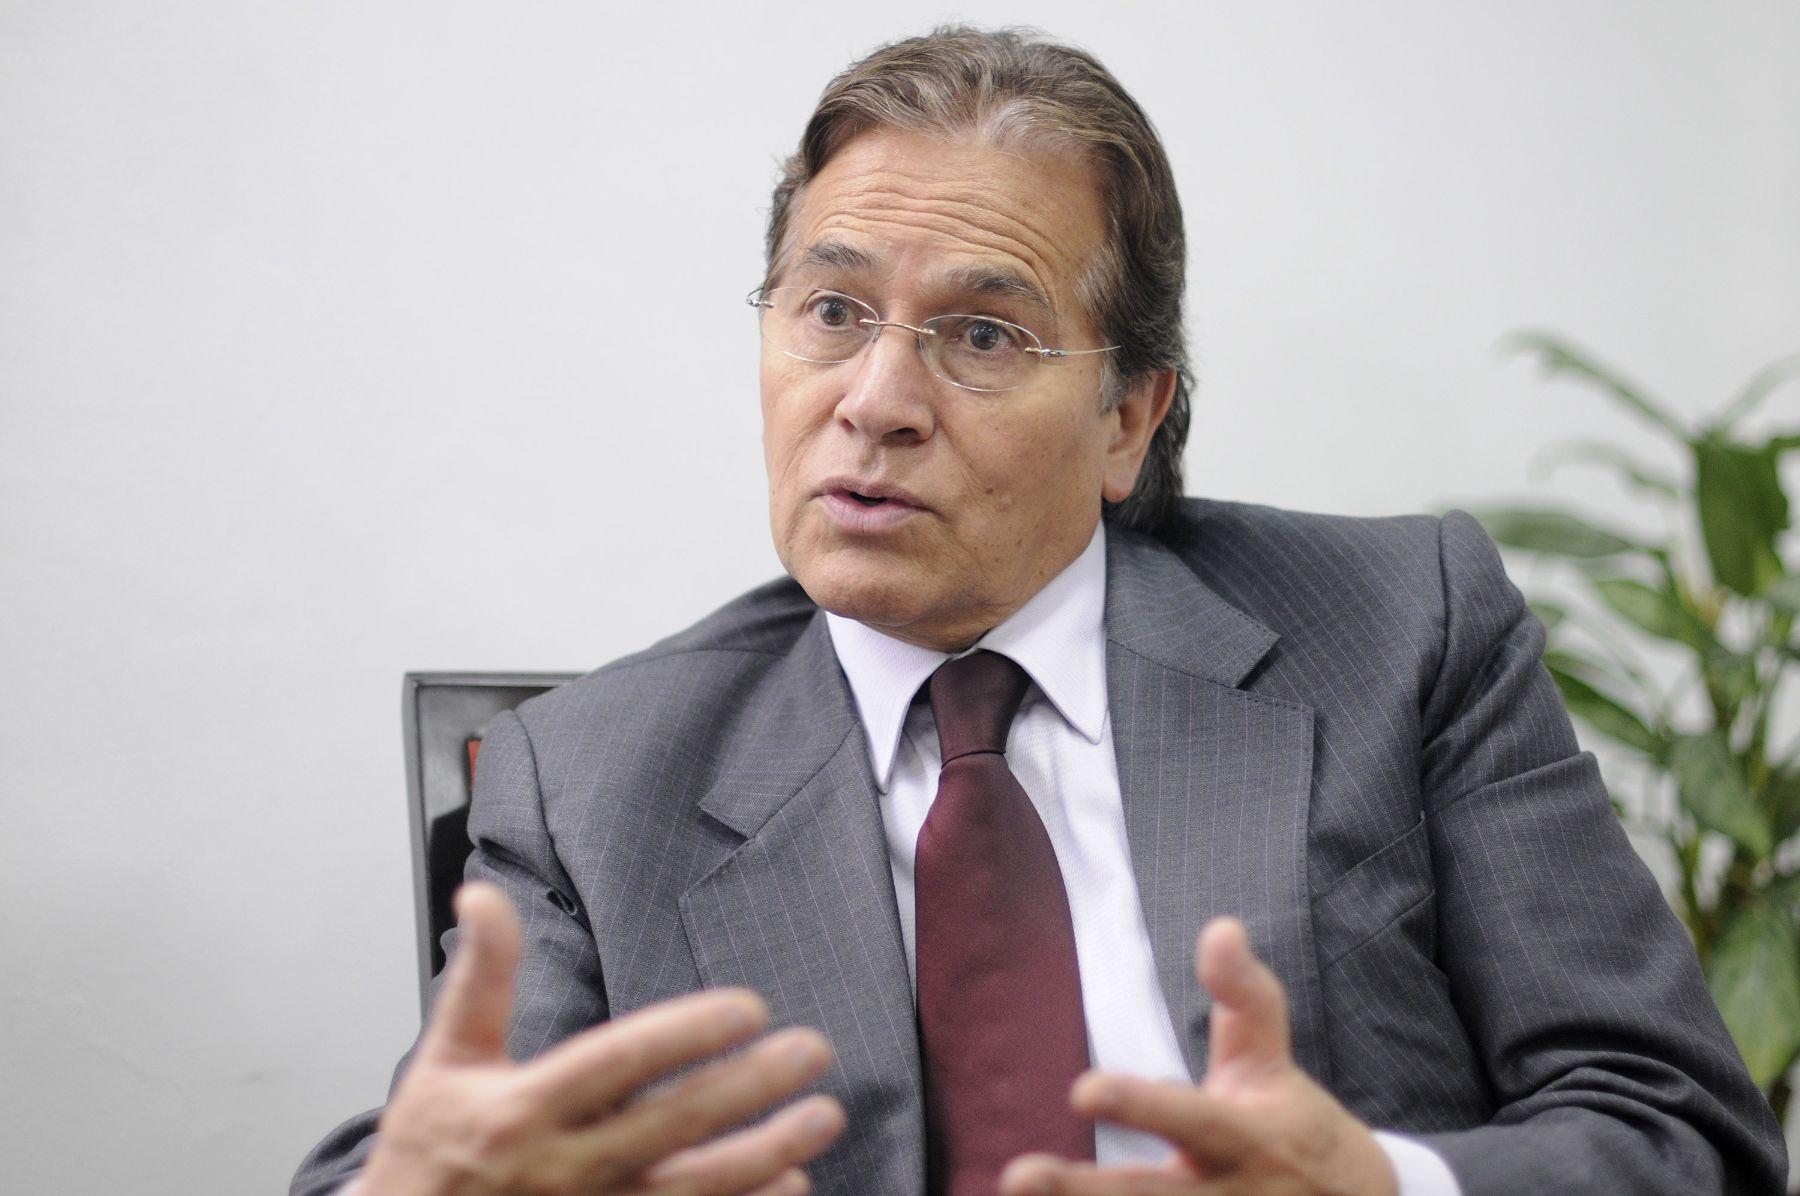 Vladimiro Huaroc, Jéfe de la oficina de dialogo y sostenibilidad de la PCM. Foto: ANDINA/Archivo